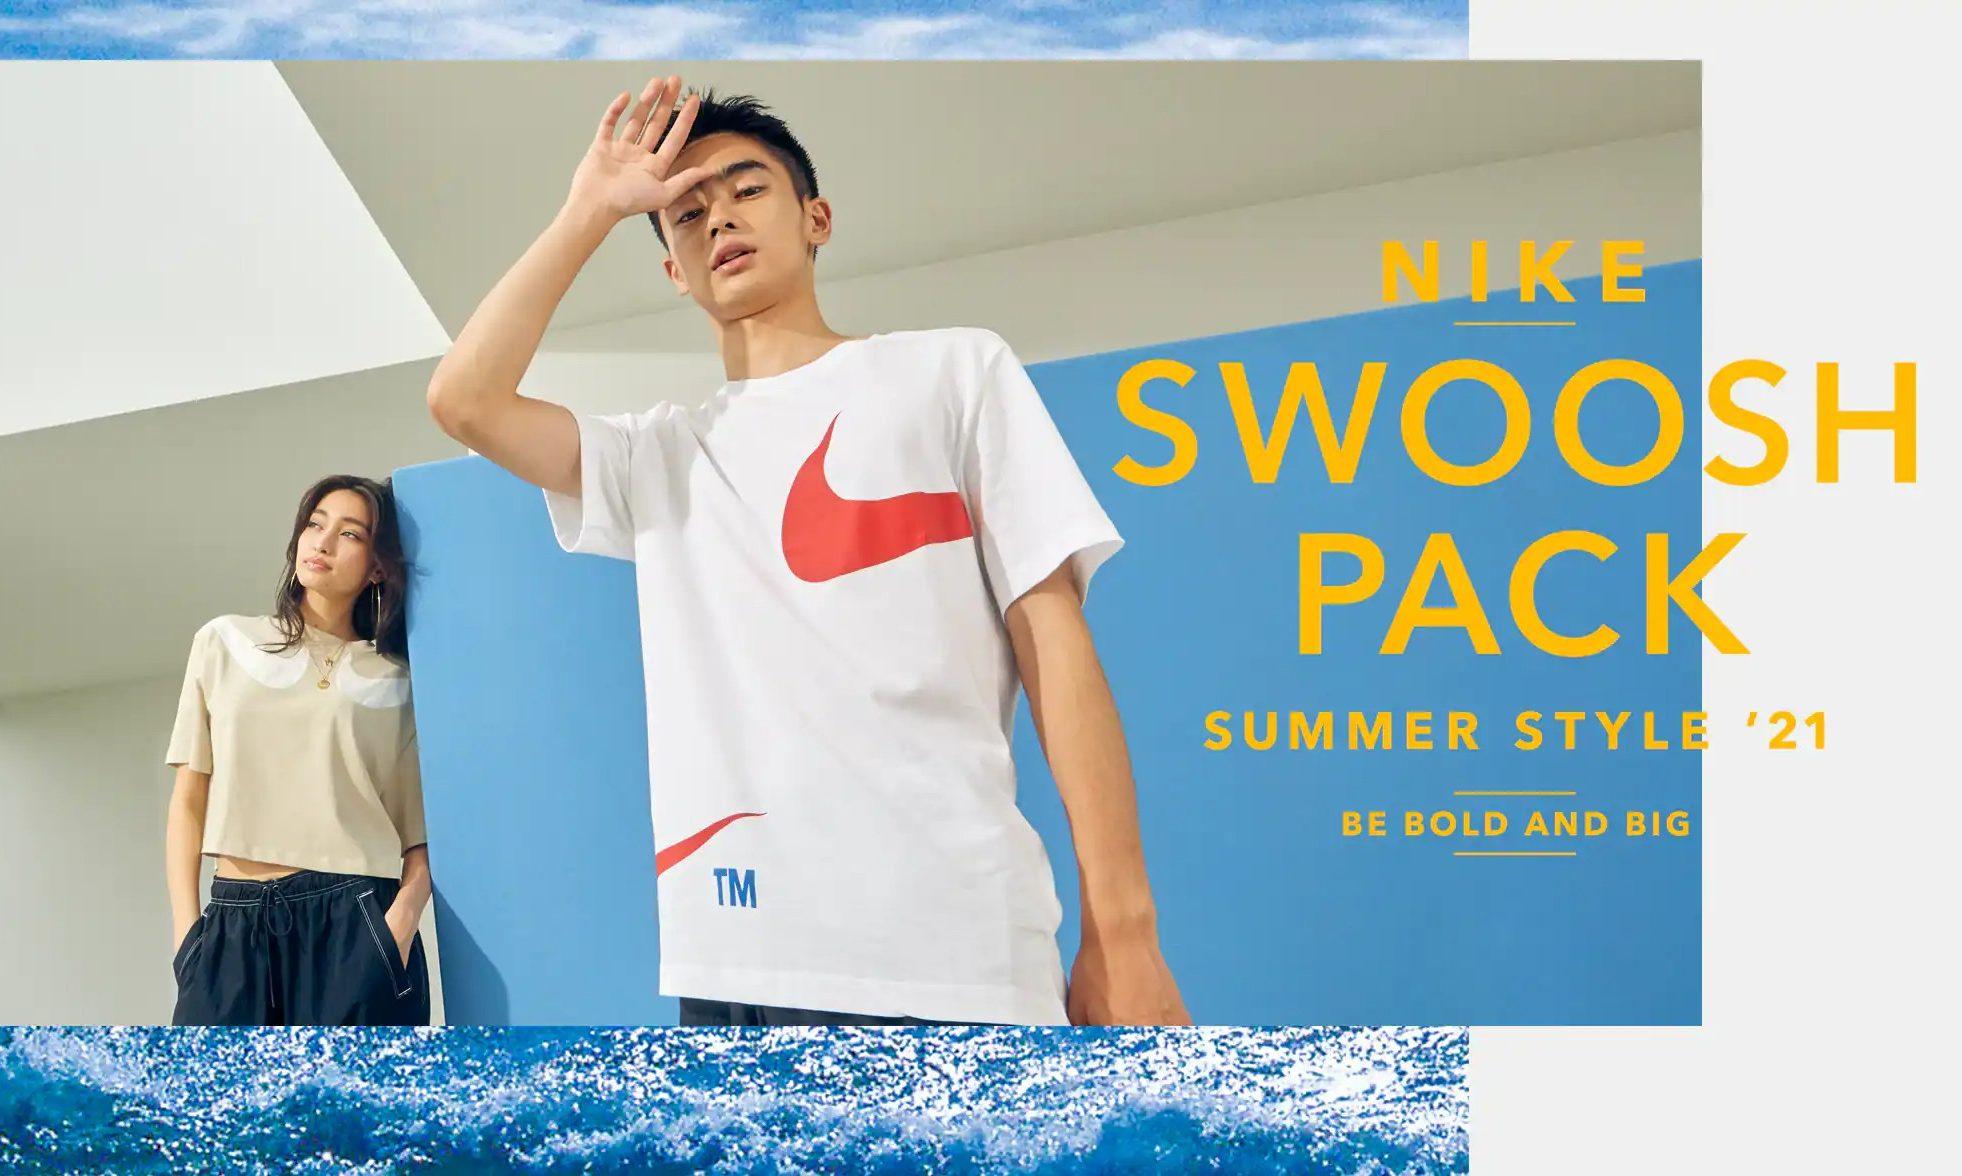 Nike「SWOOSH PACK」系列正式登场